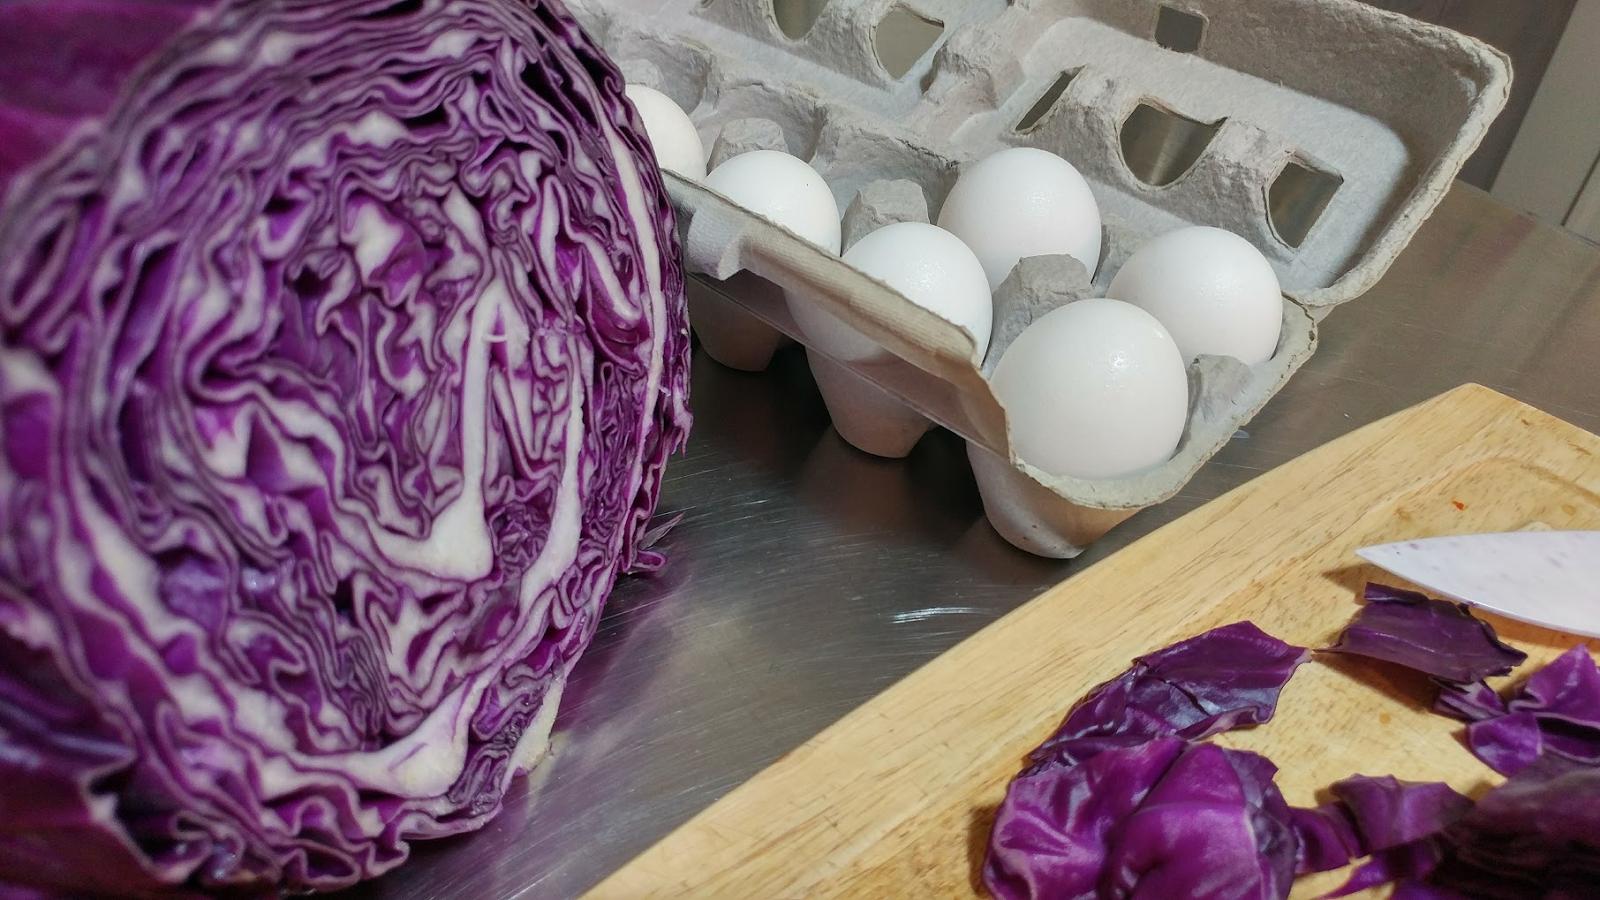 ЦВЕКЛО, КРОМИД, ВИНО И ЗЕЛКА: Бојадисајте ги велигденските јајца со природни бои (ФОТО)